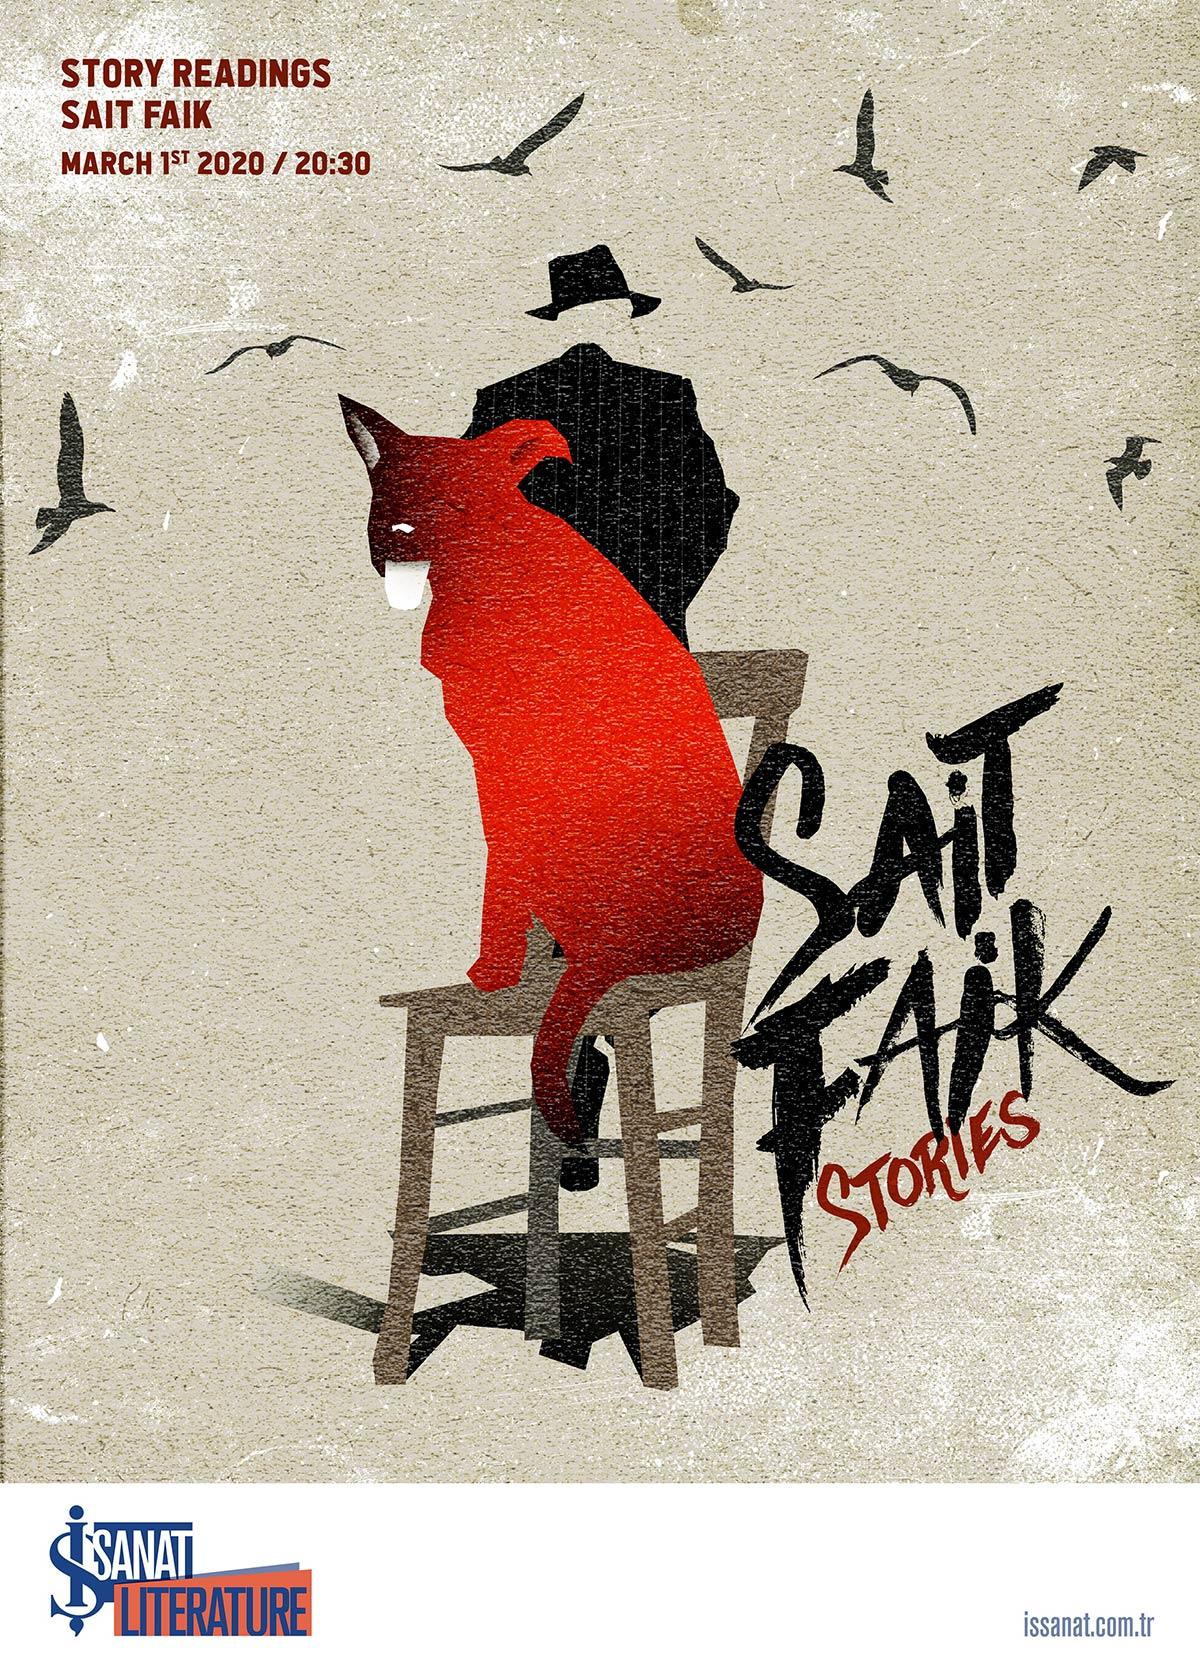 dreamogram-i-mean-it-sait-faik-stories-2